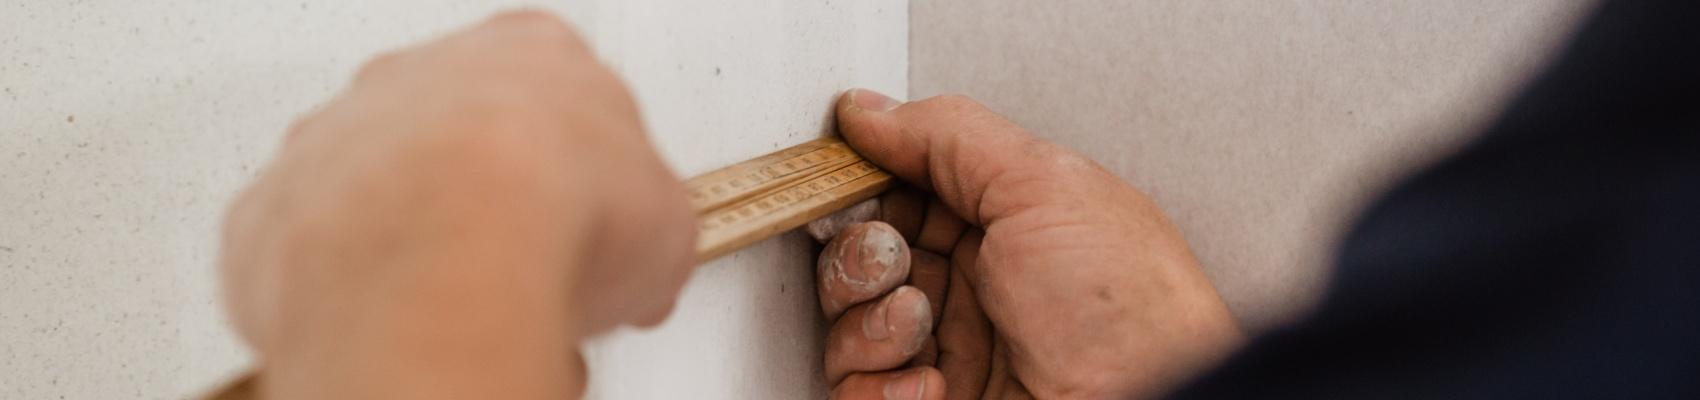 Potuyt (ver)bouw & renovatie - Referenties